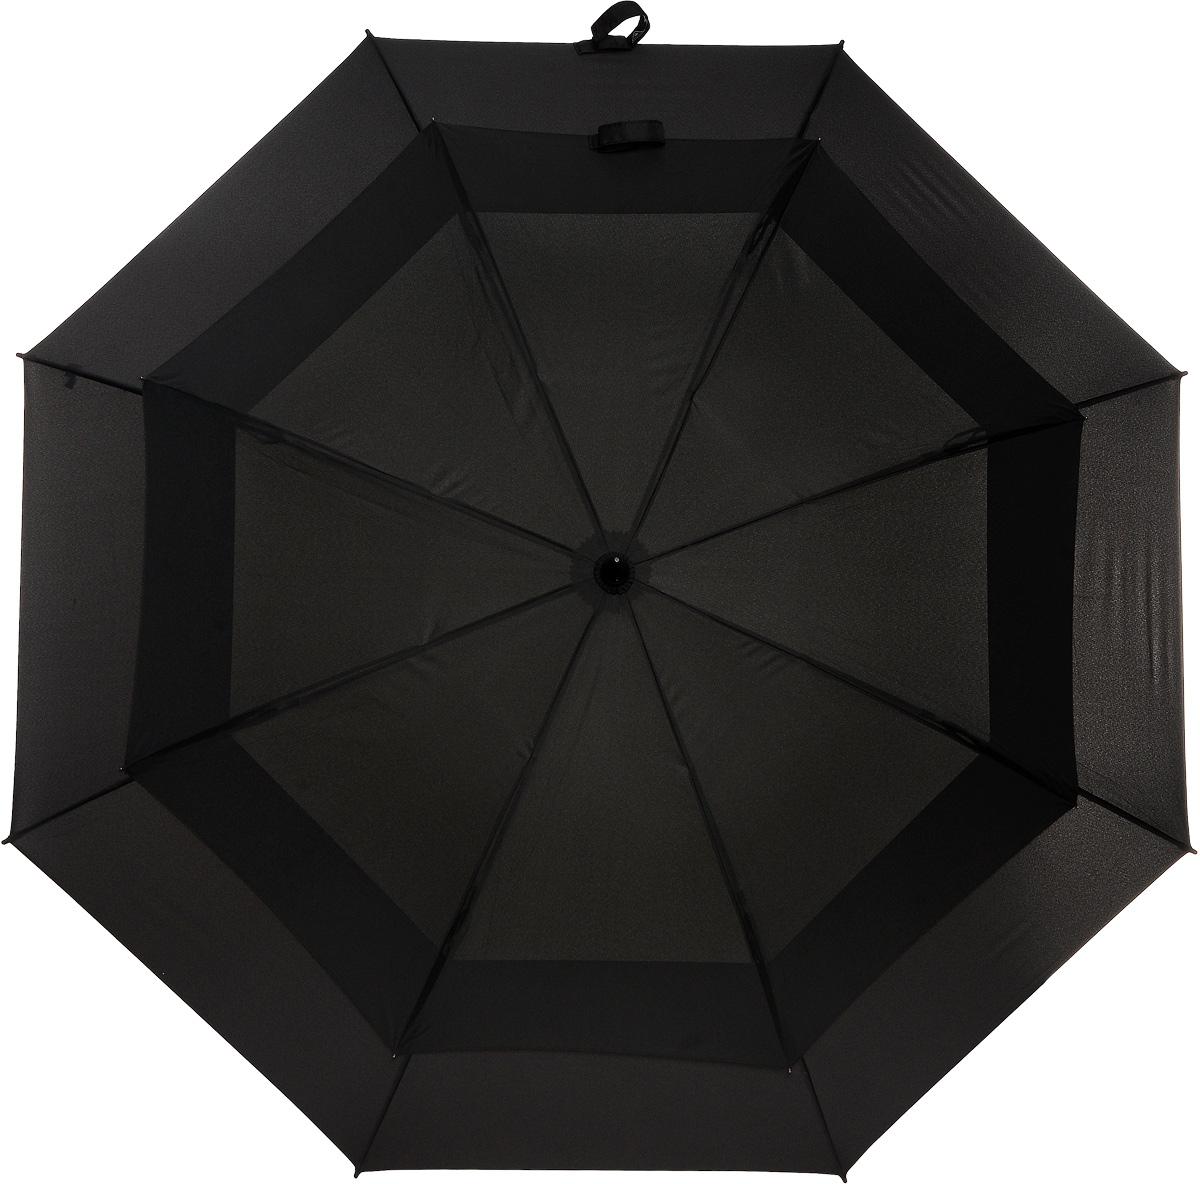 Зонт-трость Stormshield, механический, цвет: черный. S 669 3S001S 669 3S001Оригинальный механический зонт-трость Stormshield с двойным куполом способен укрыть от дождя и штормового ветра небольшую компанию. Усиленный каркас зонта состоит из прочного стального стержня и 8 спиц из фибергласса. Купол выполнен из полиэстера черного цвета. Рукоятка зонта изготовлена из прорезиненного пластика. Зонт-трость имеет механический тип сложения: купол открывается и закрывается вручную до характерного щелчка. Такой стильный и необычный зонт выделит вас из толпы и поднимет настроение окружающим. В комплекте - чехол для хранения.